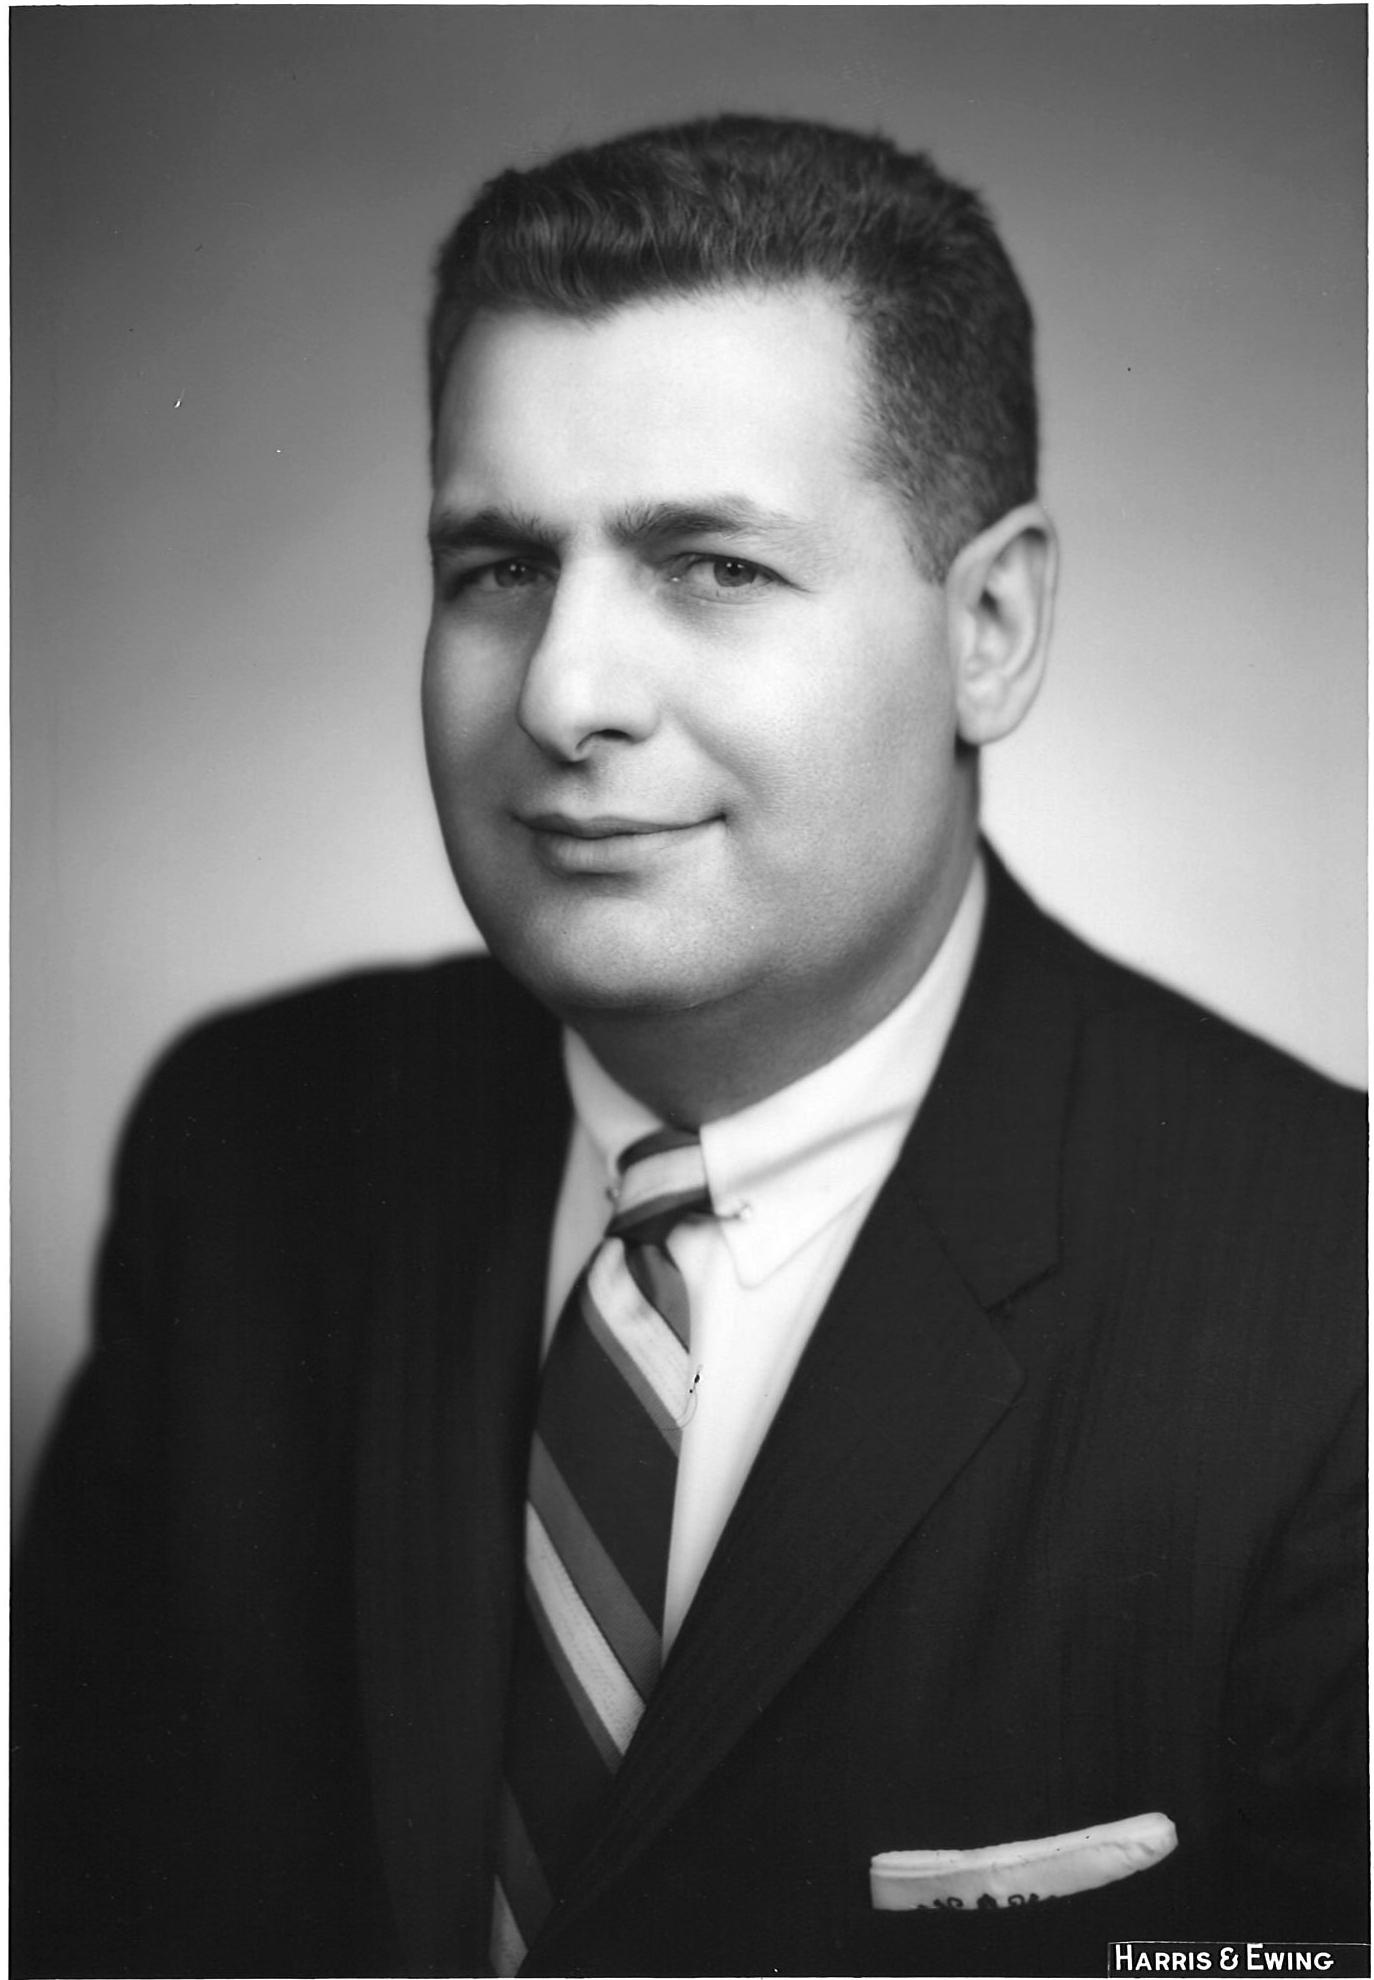 Portrait of William Apple